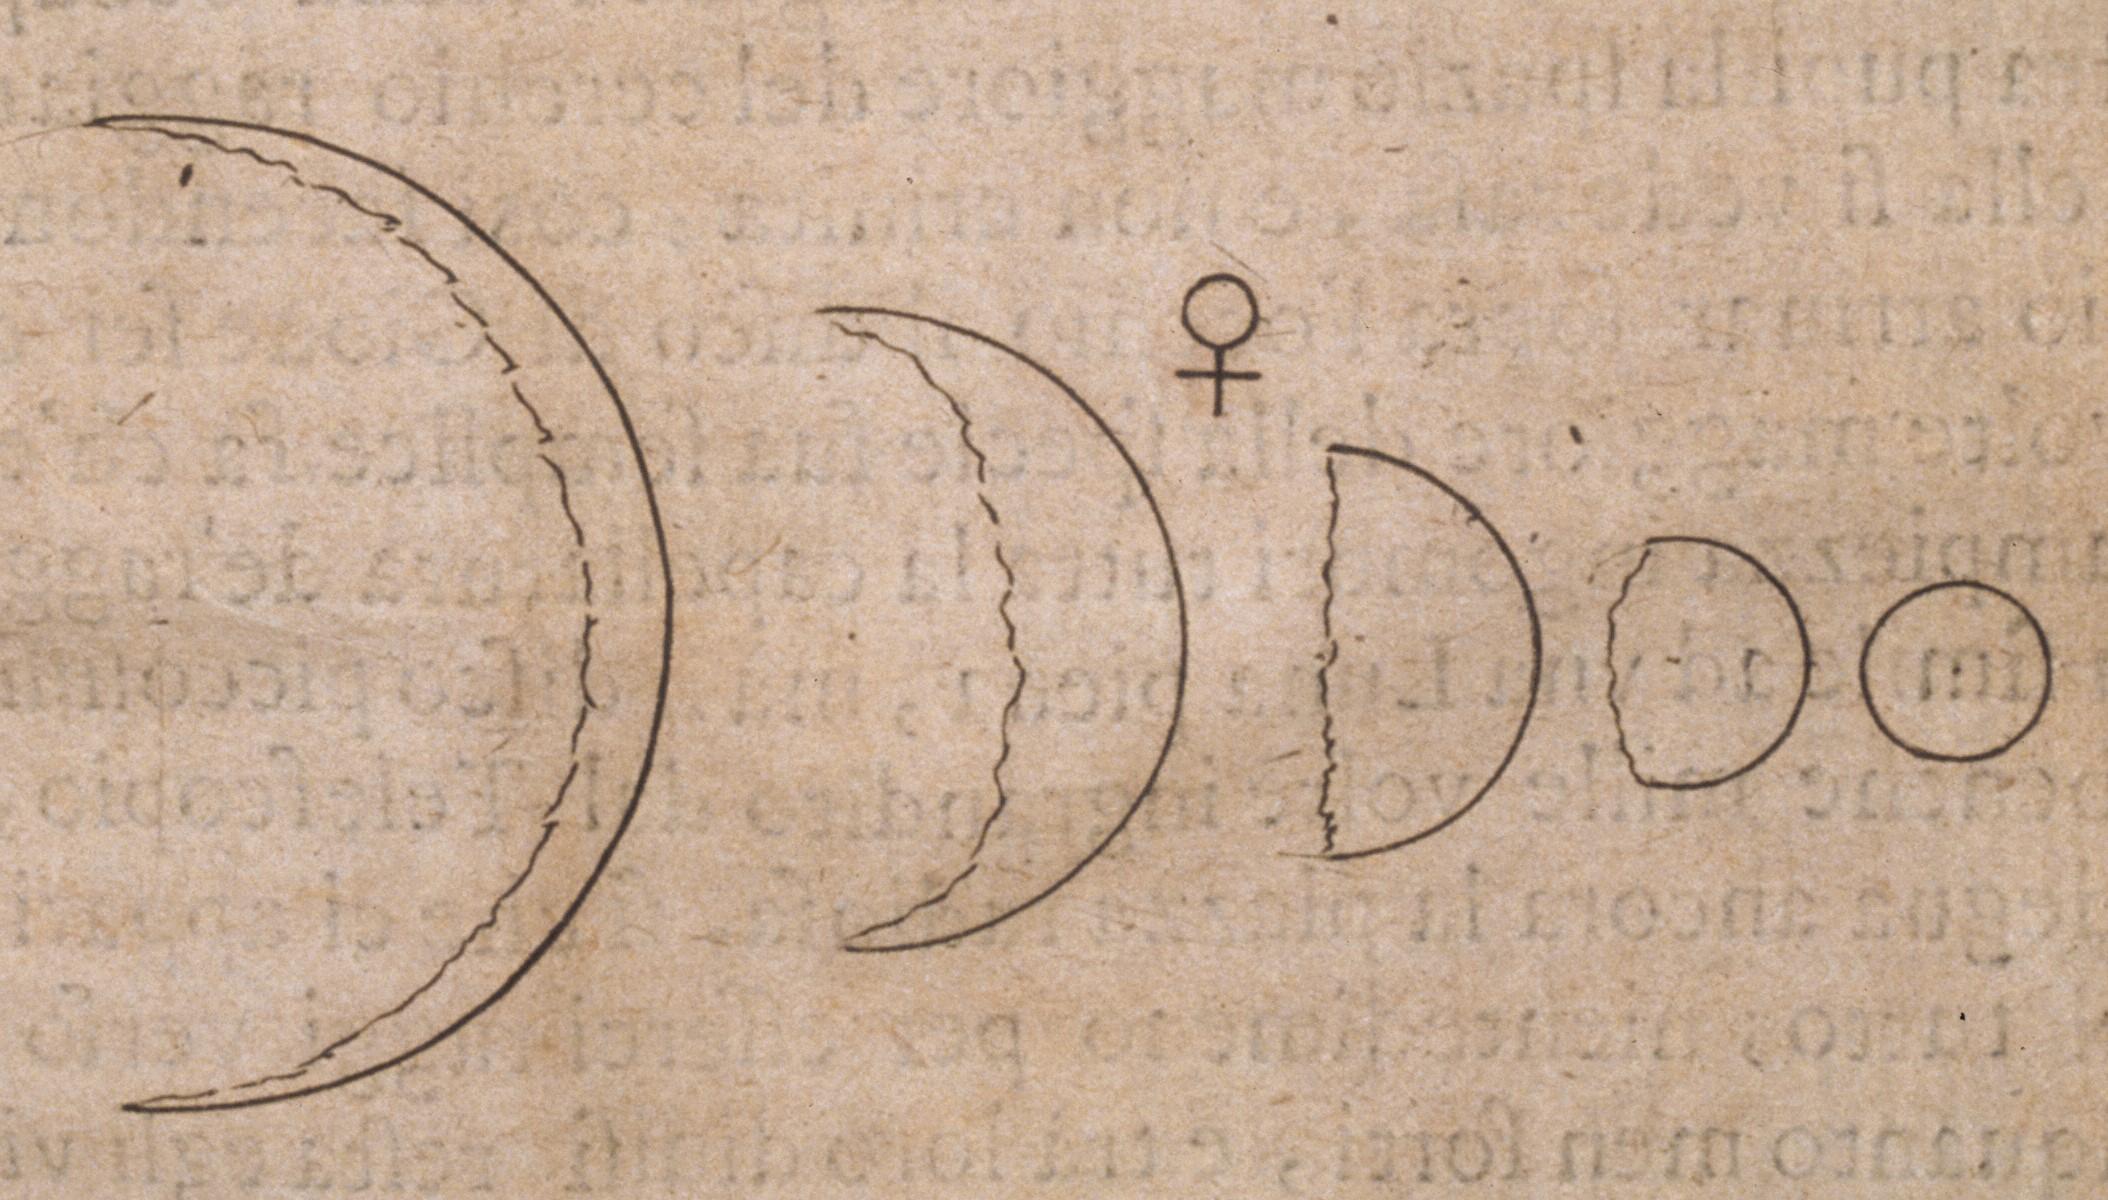 Der italienische Astronom beobachtete und skizzierte als Erster die Phasen der Venus mit einem Teleskop.